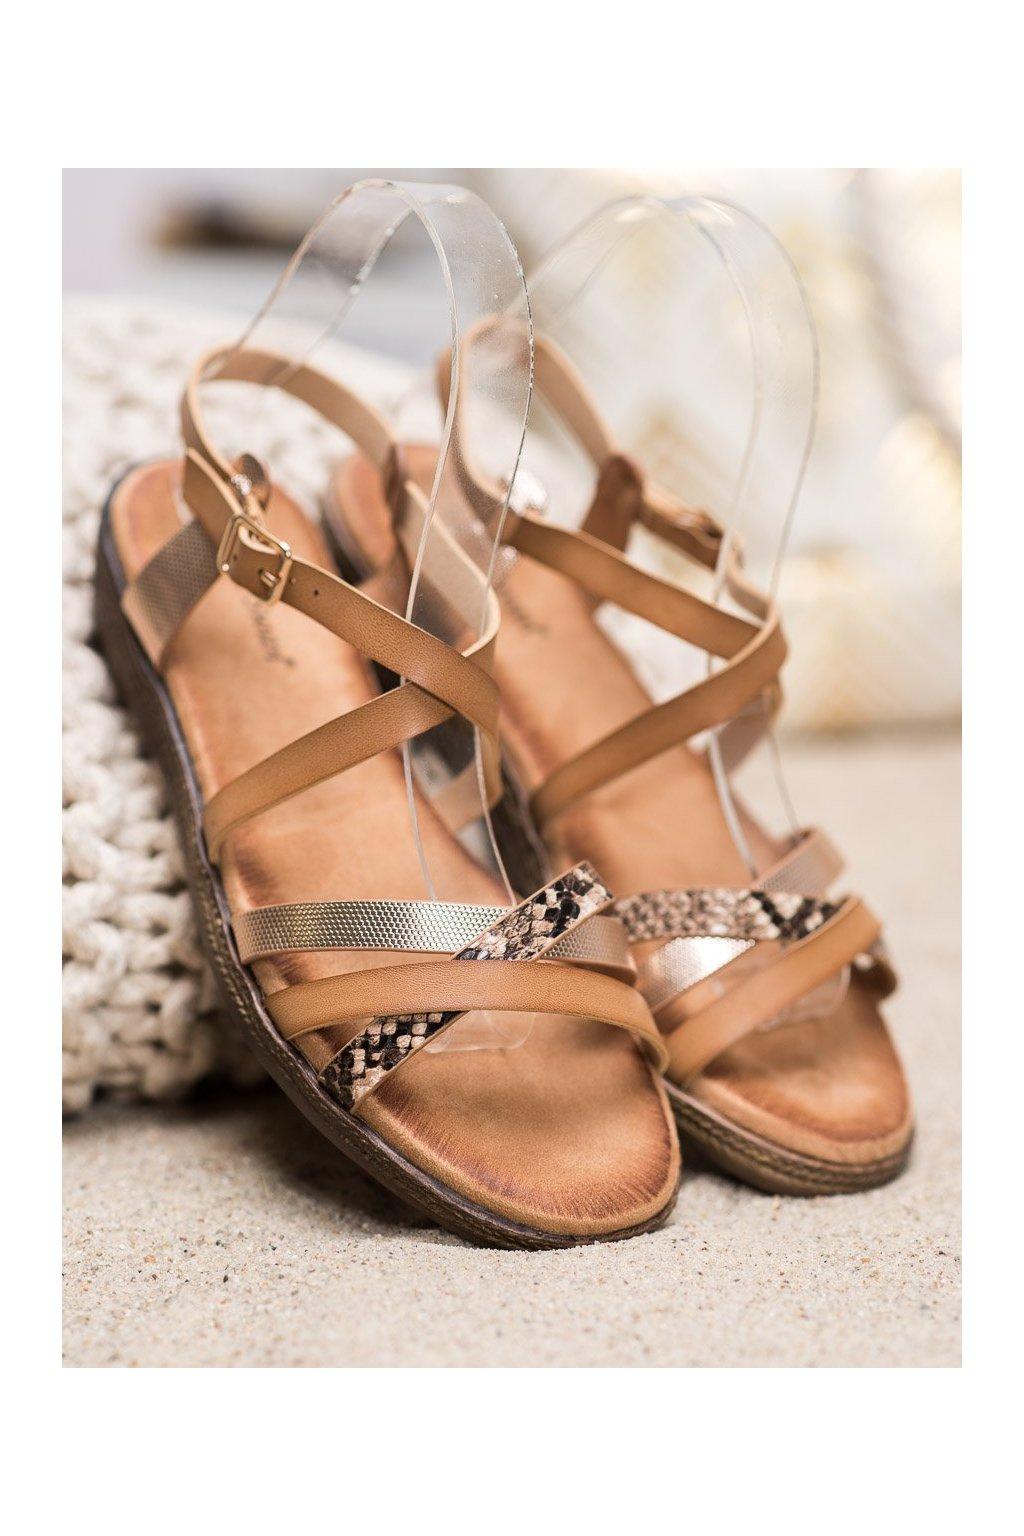 Hnedé sandále NJSK LNS78BE